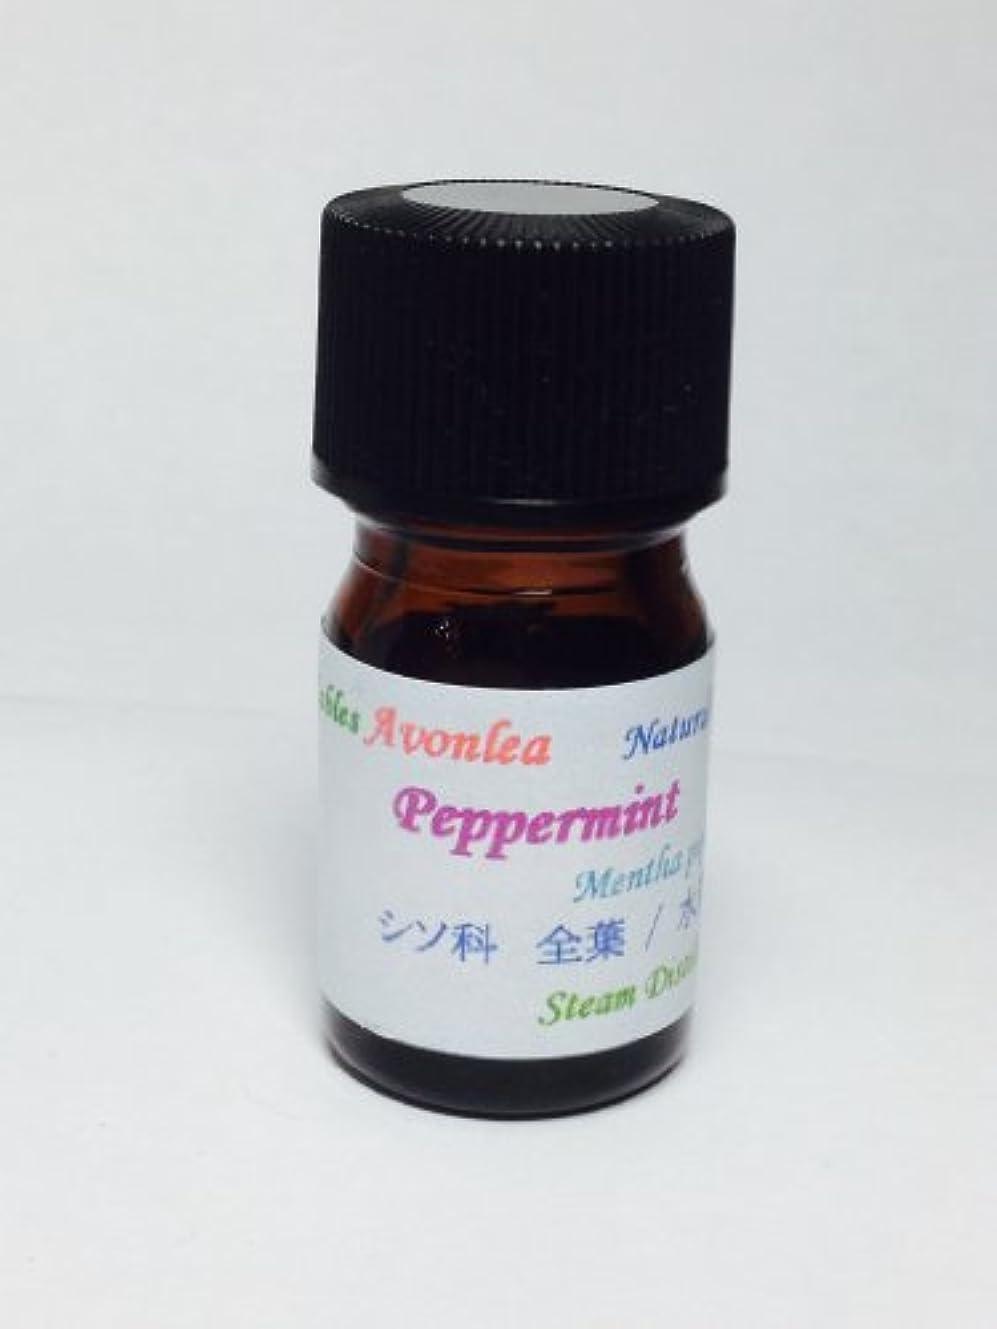 疾患意味のある呼び起こすペパーミント エッセンシャルオイル 高級精油 5ml